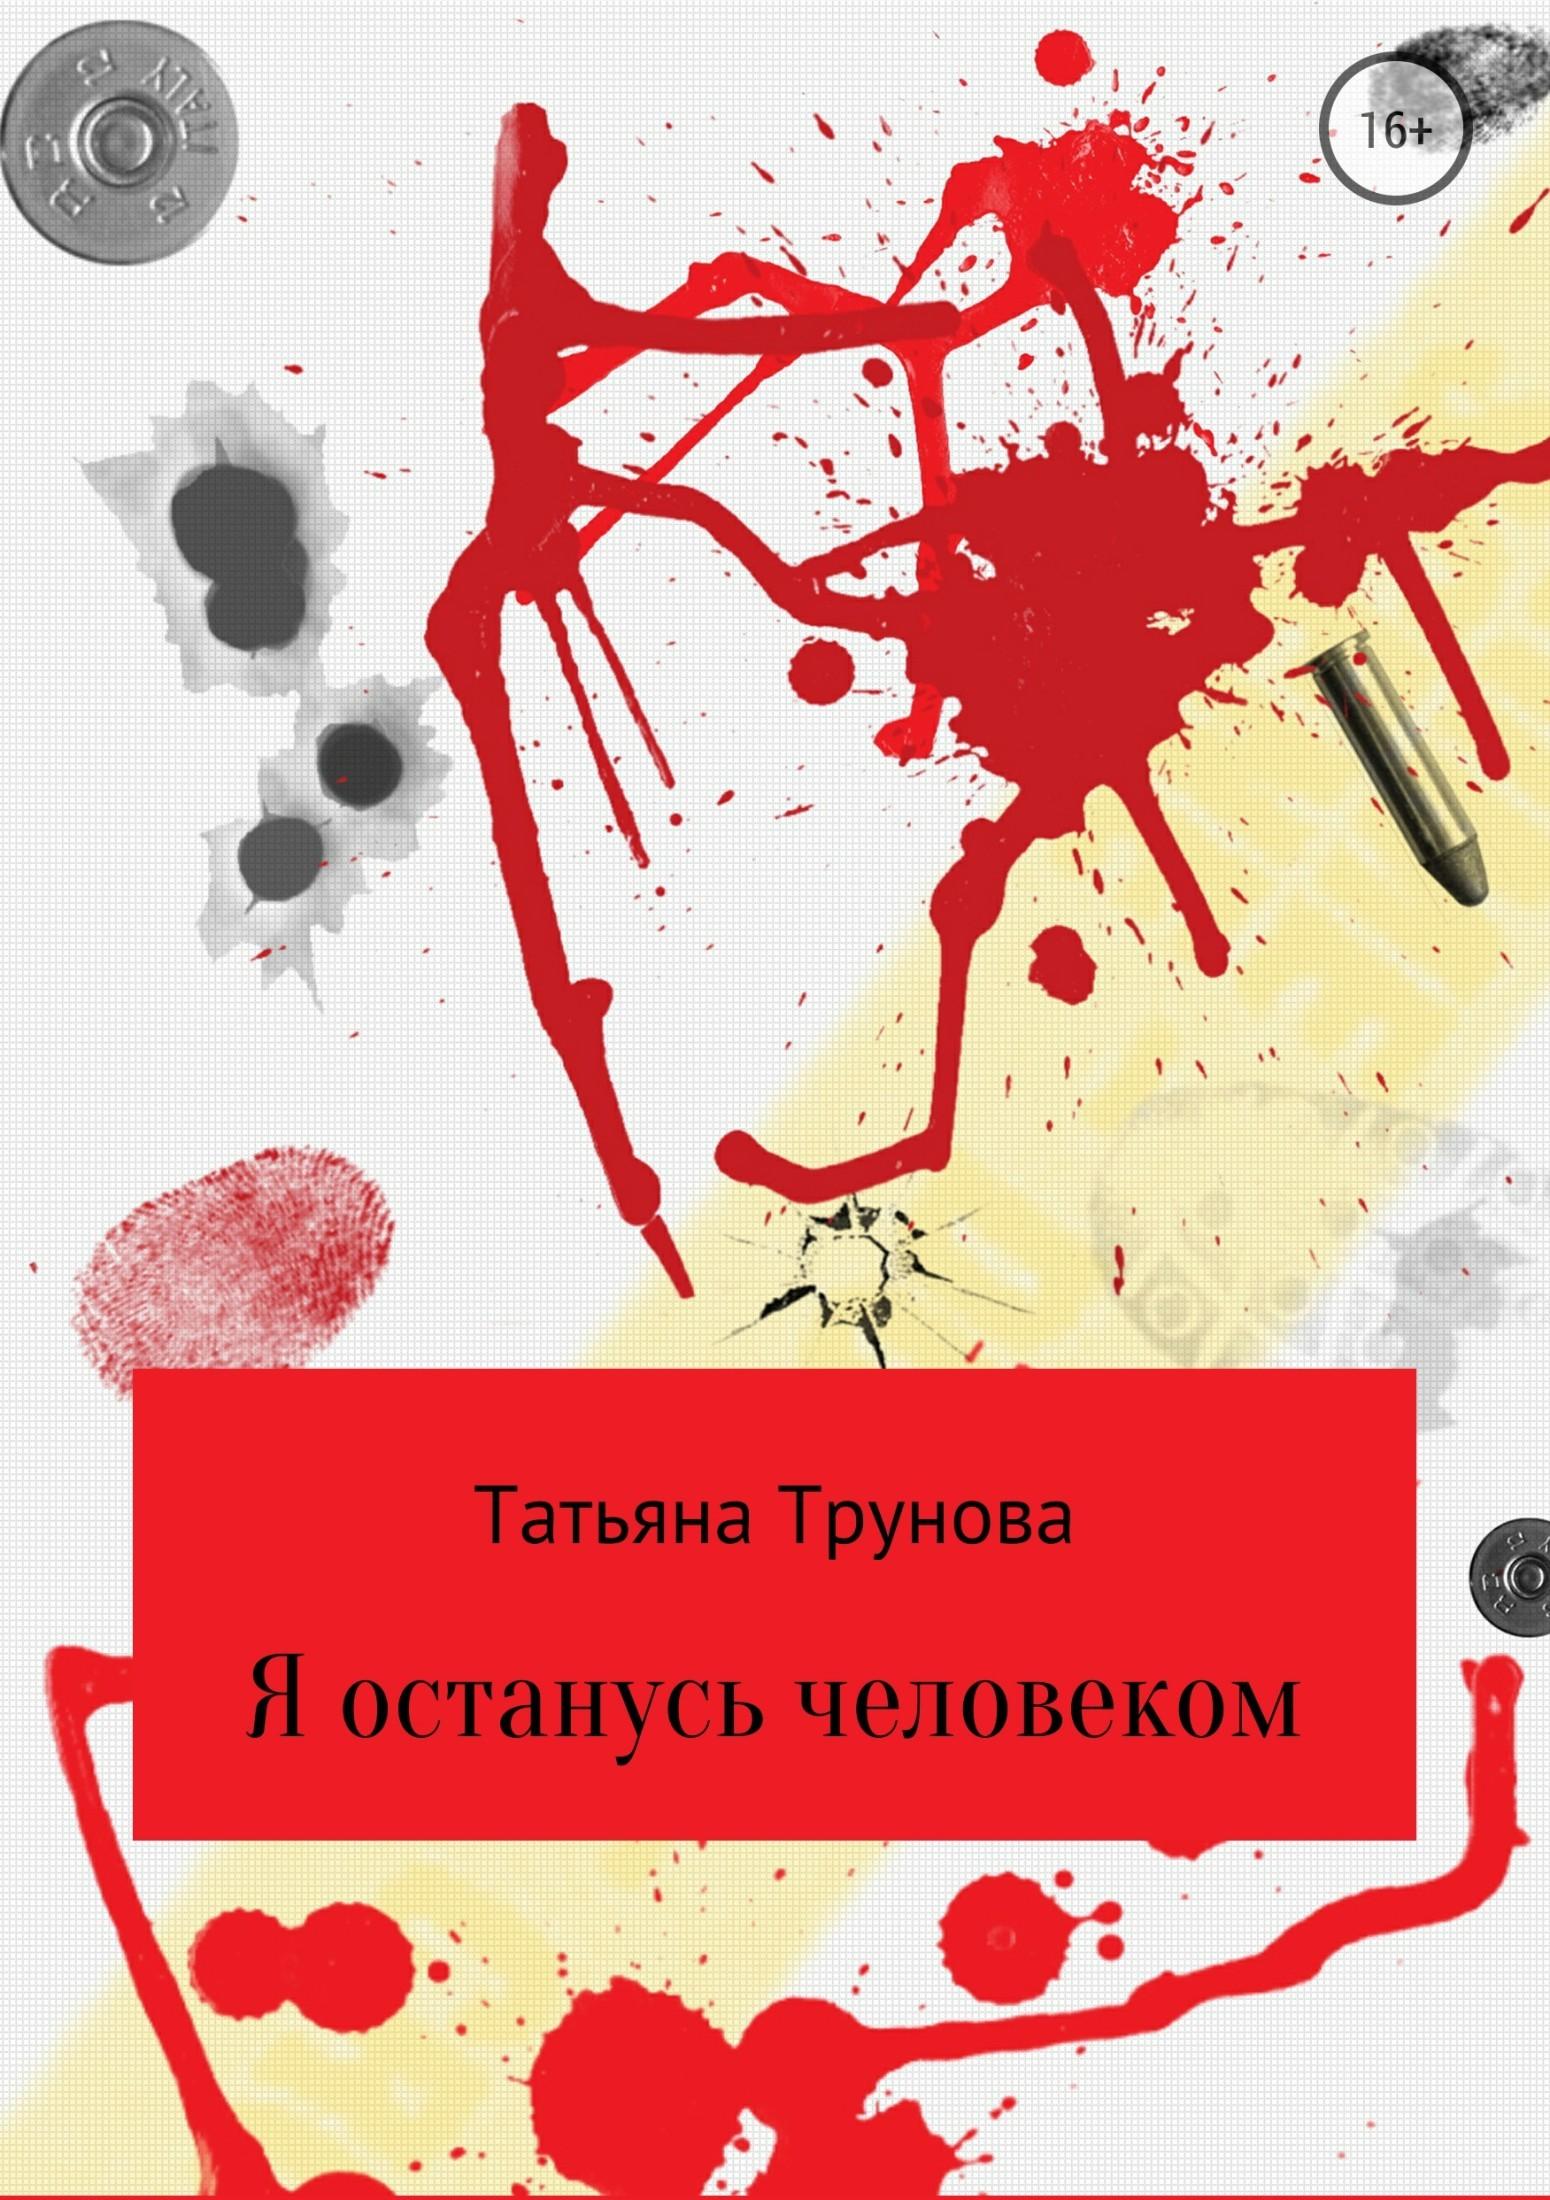 Татьяна Трунова - Я останусь человеком